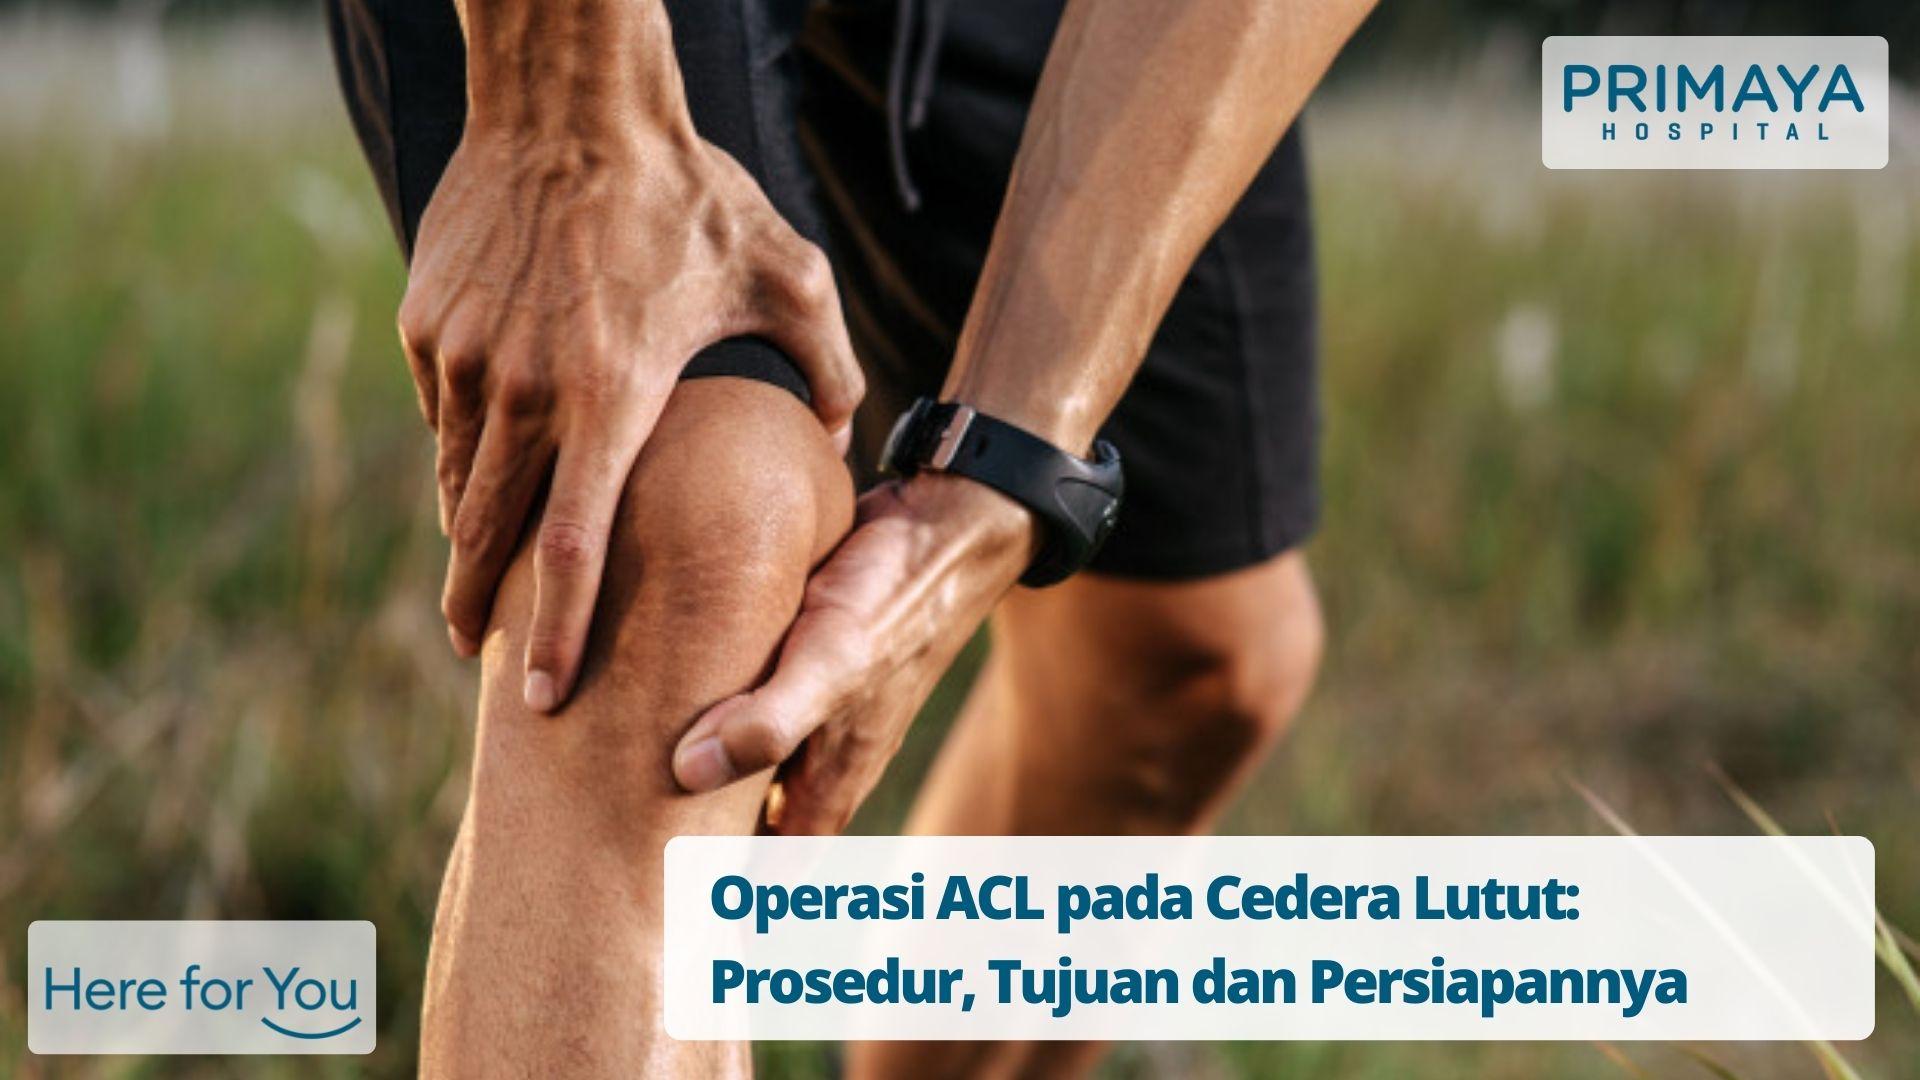 Operasi ACL pada Cedera Lutut: Prosedur, Tujuan dan Persiapannya